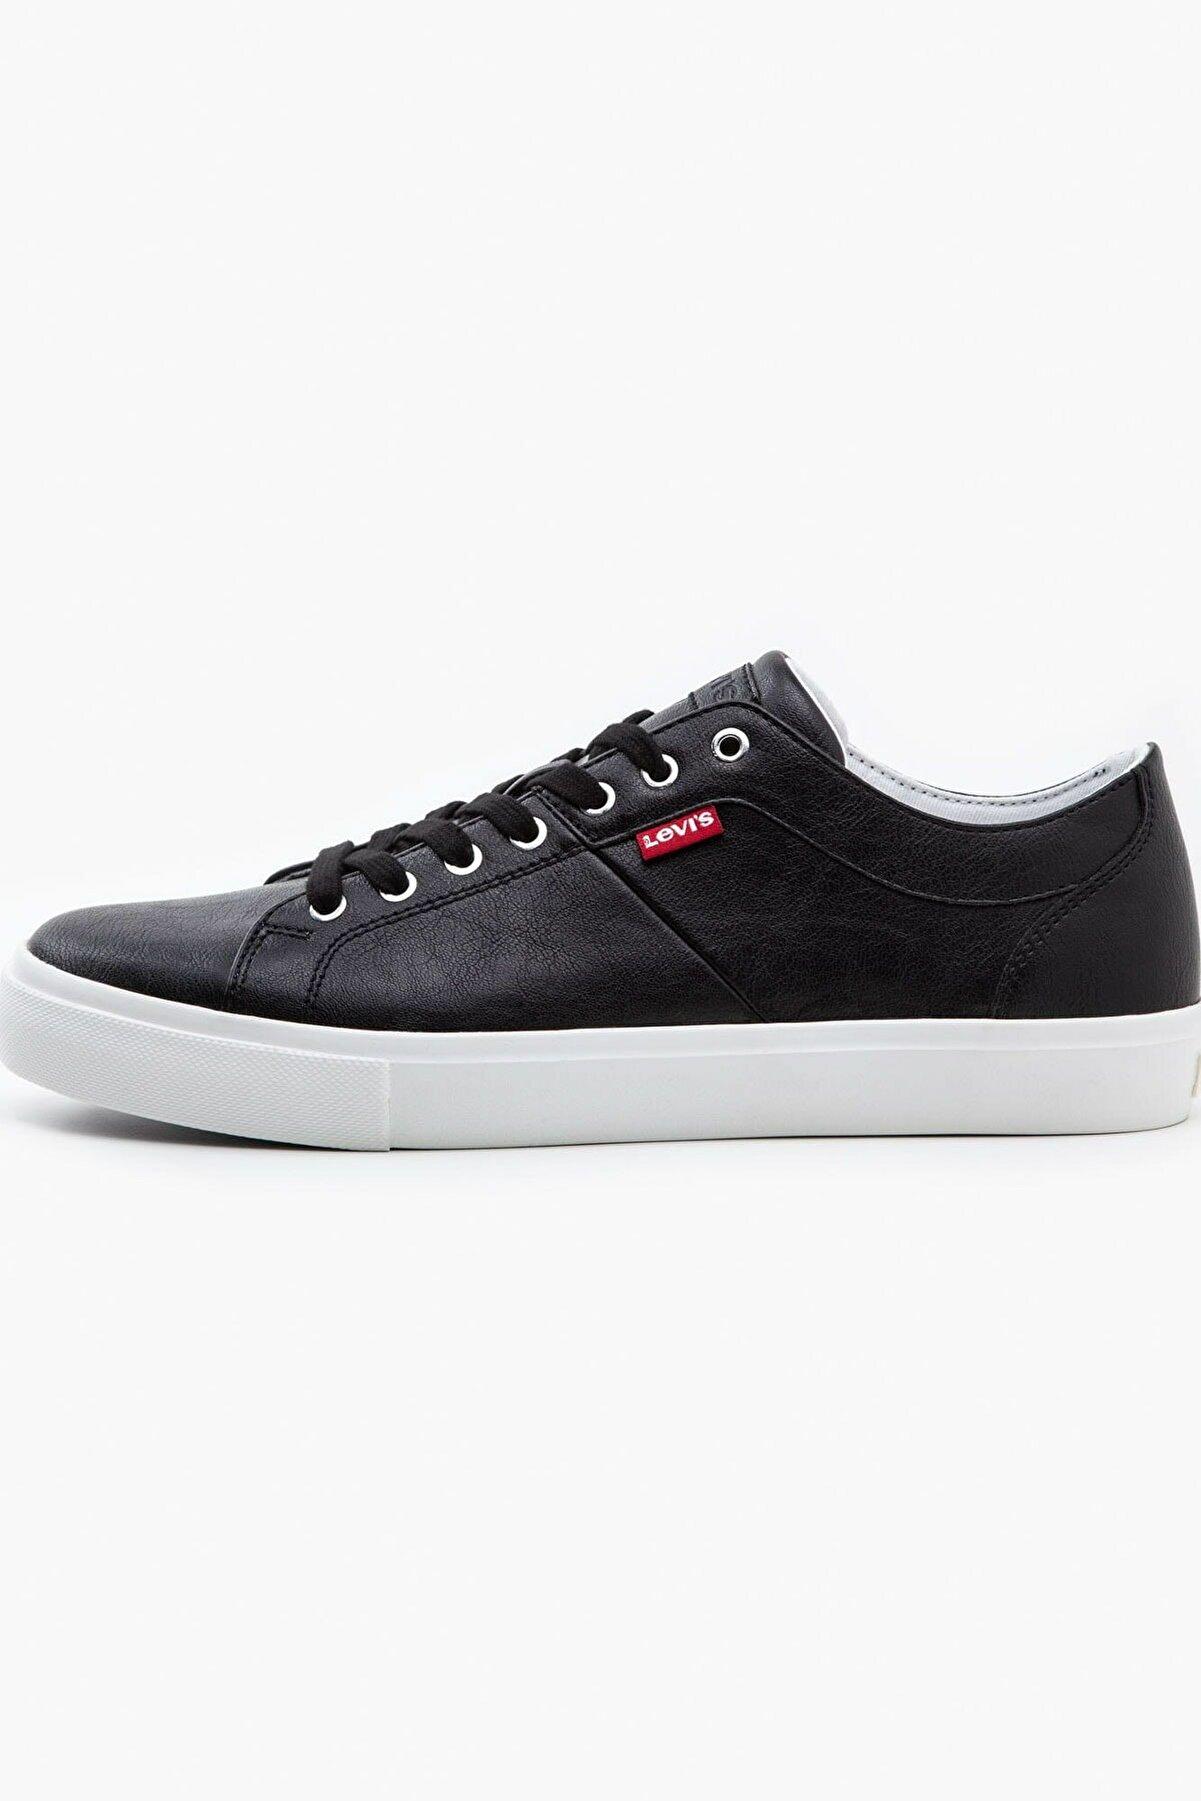 Levi's Erkek Woodward Erkek Ayakkabı 3809915960